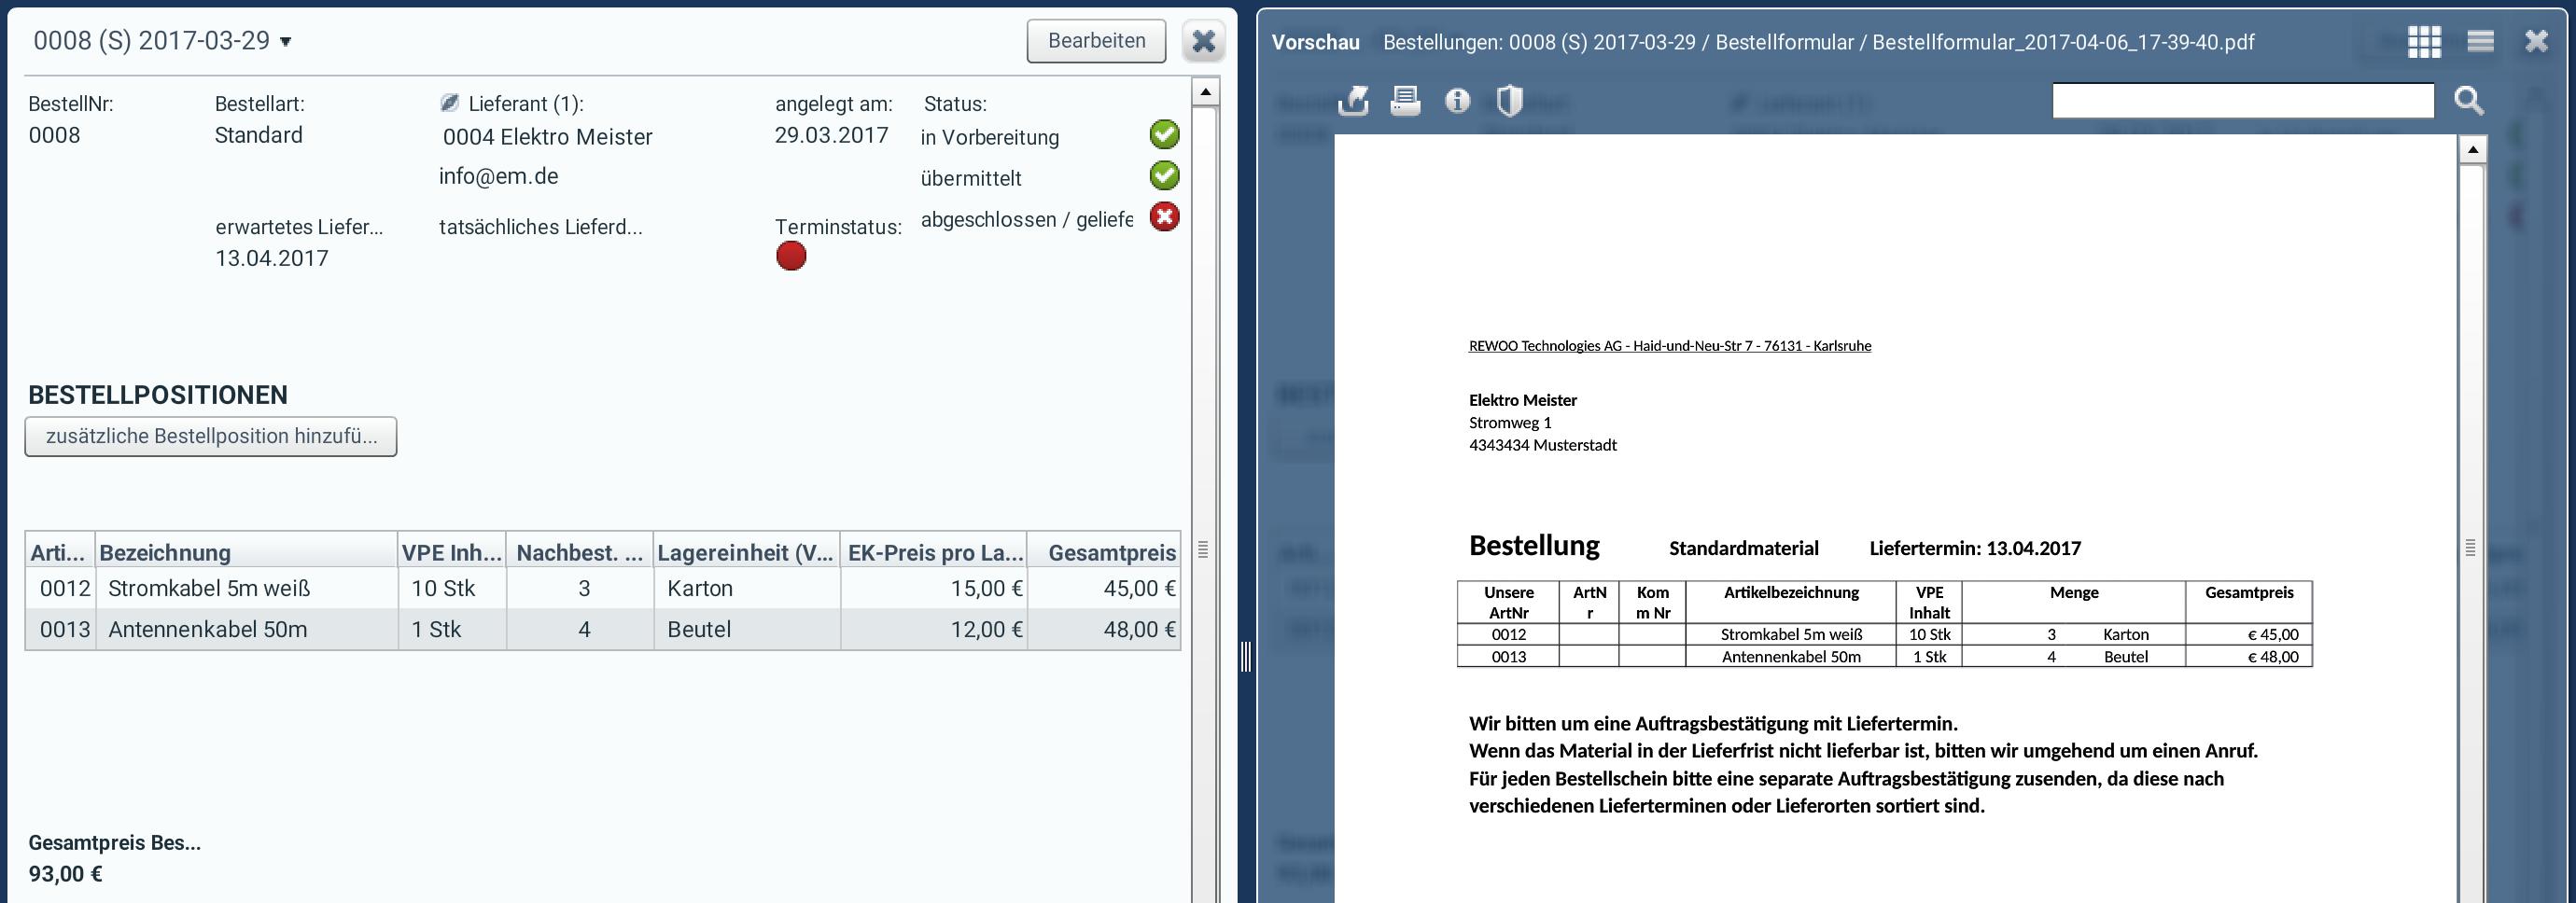 Wunderbar Handbuch Vorlage Wort Fotos - Entry Level Resume Vorlagen ...